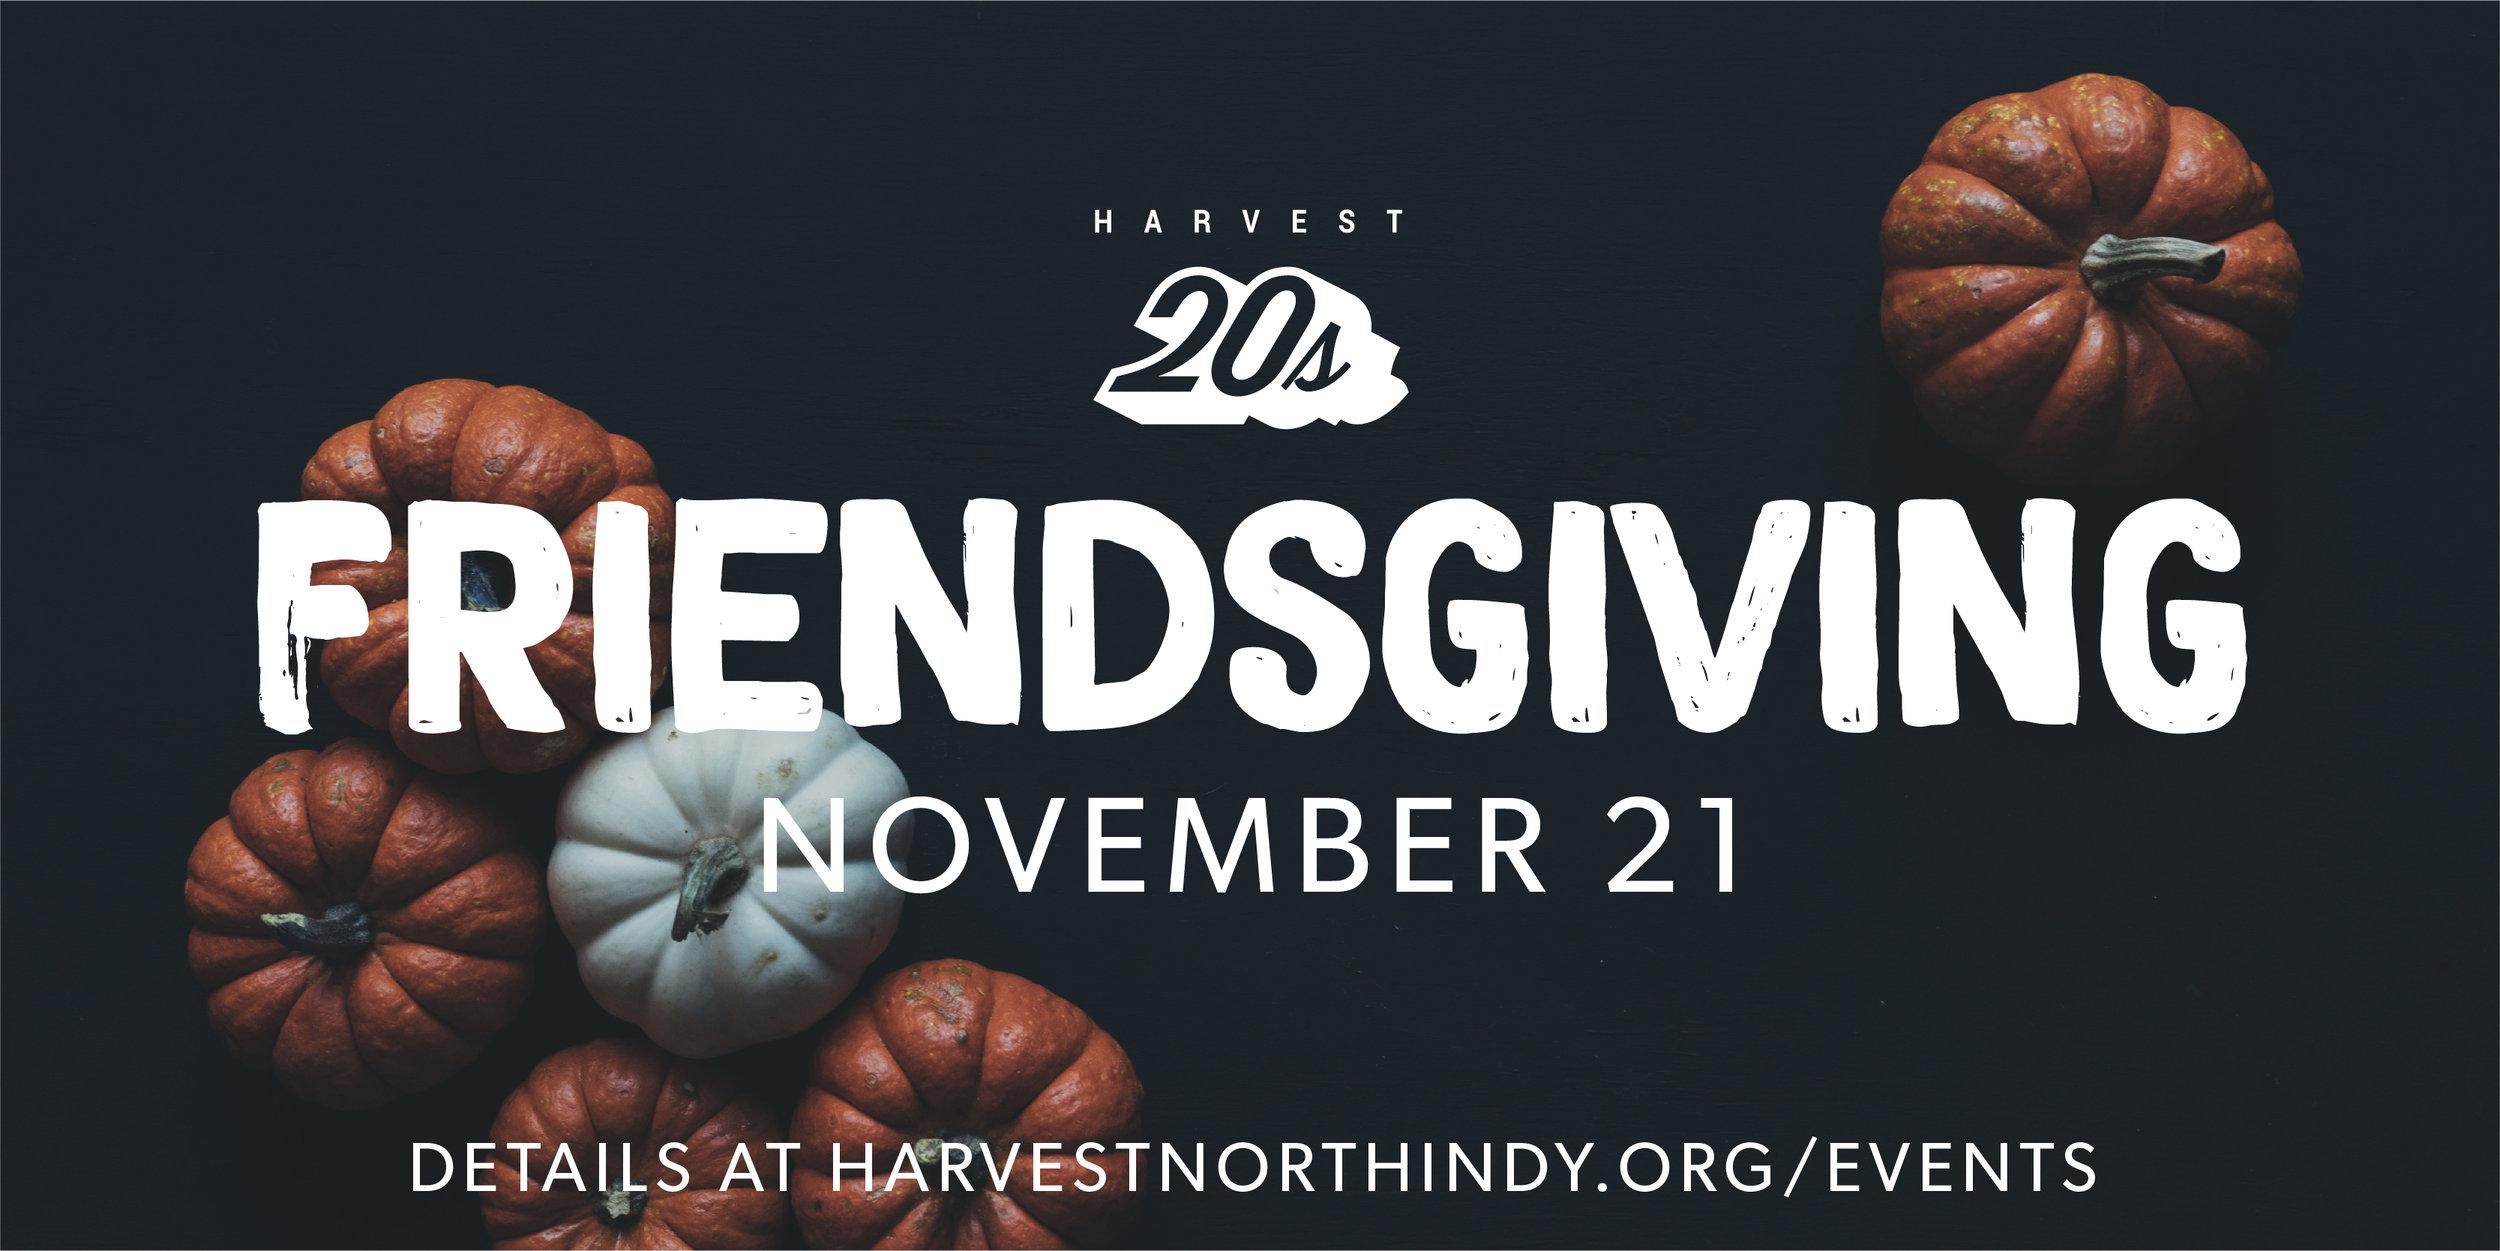 harvest20s-friendsgiving-02.jpg